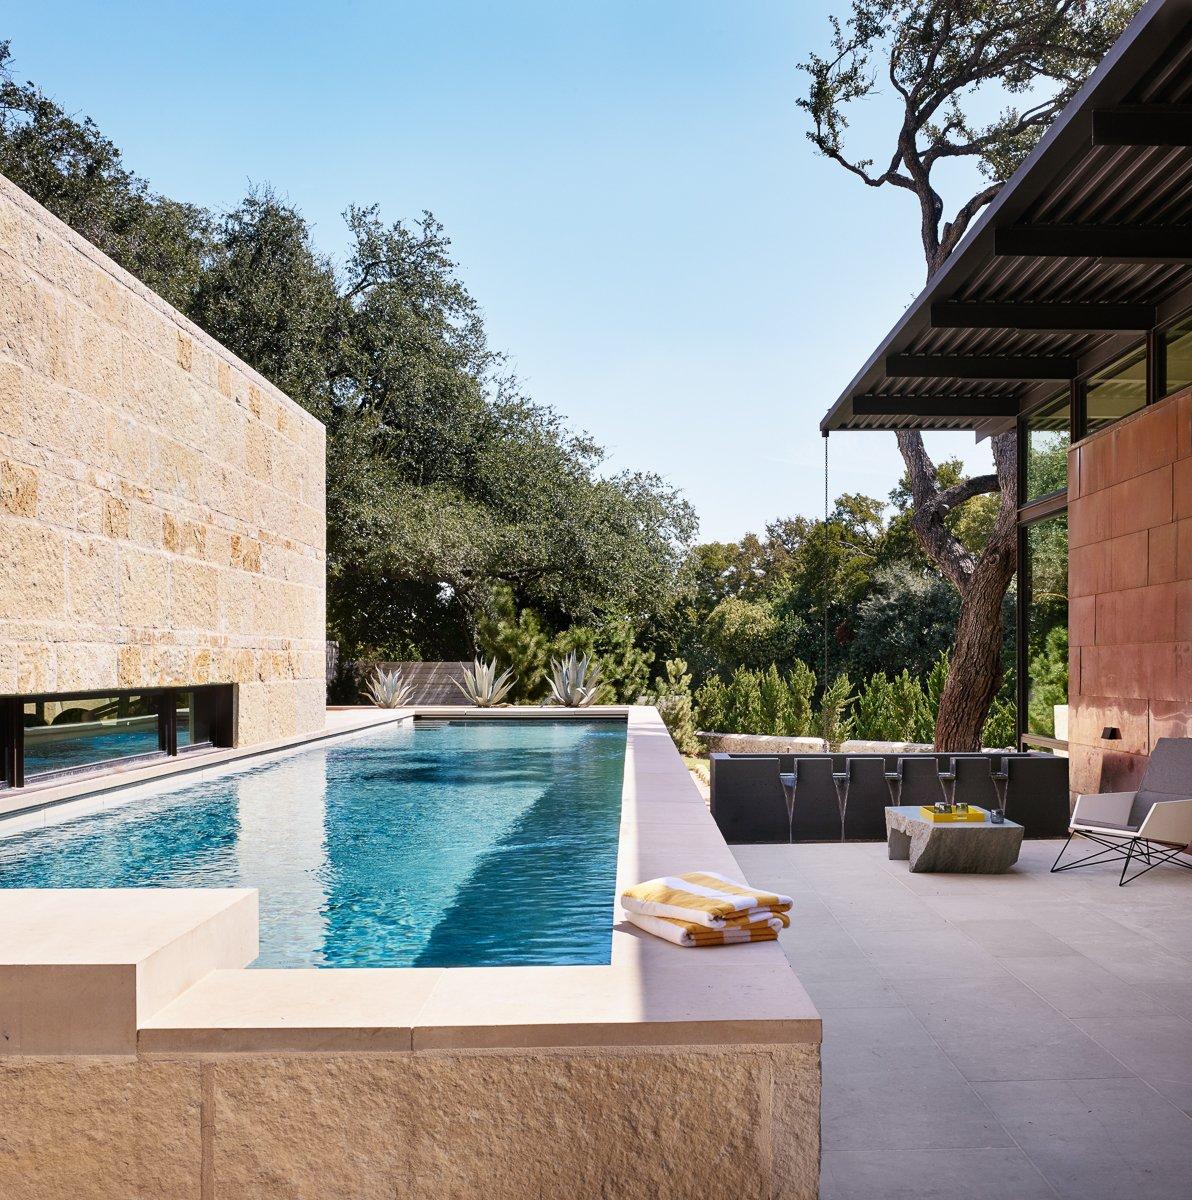 Olmos Park Residence pool